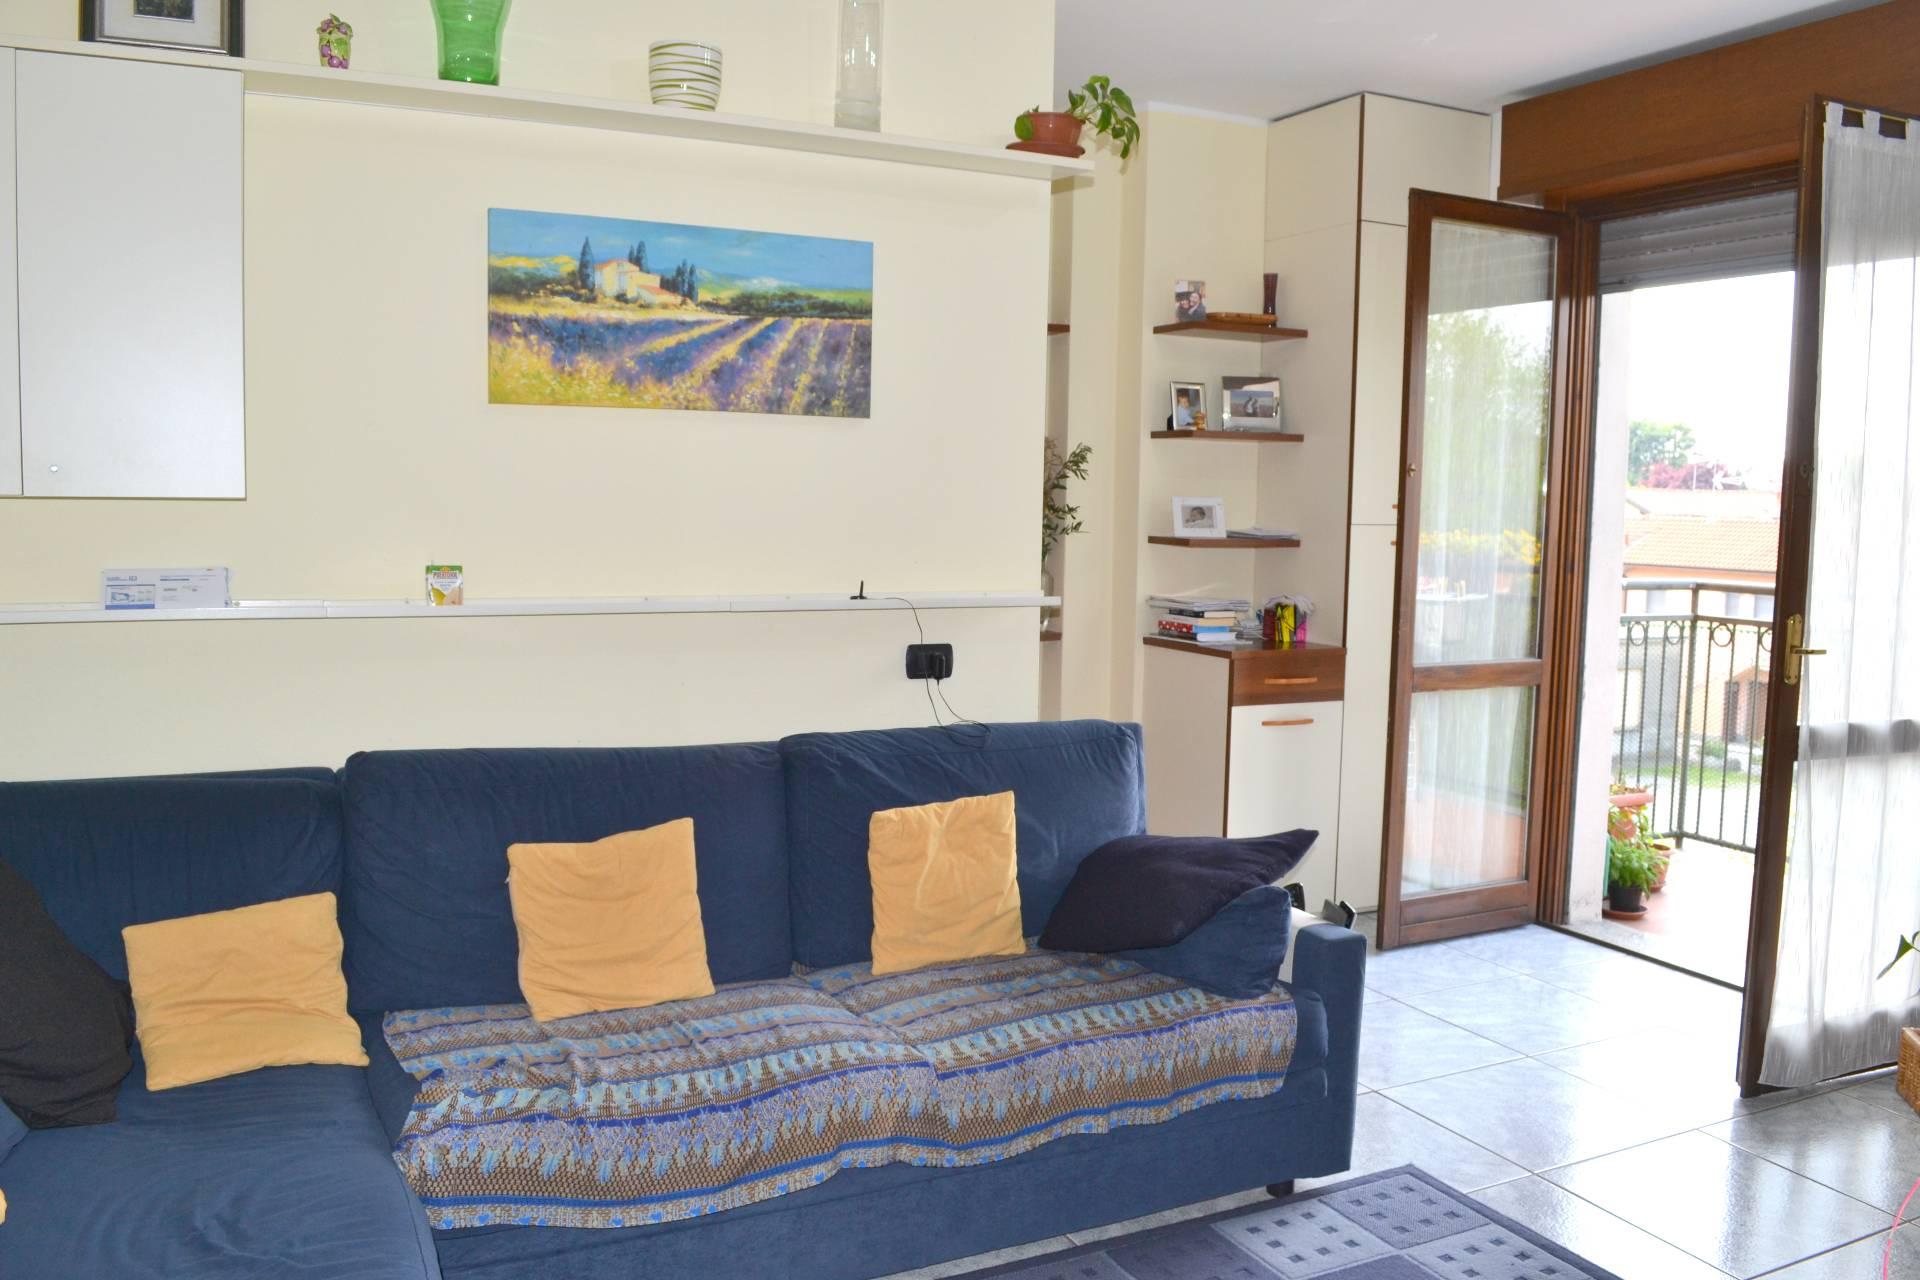 Masate   Appartamento in Vendita in via roma   lacasadimilano.it